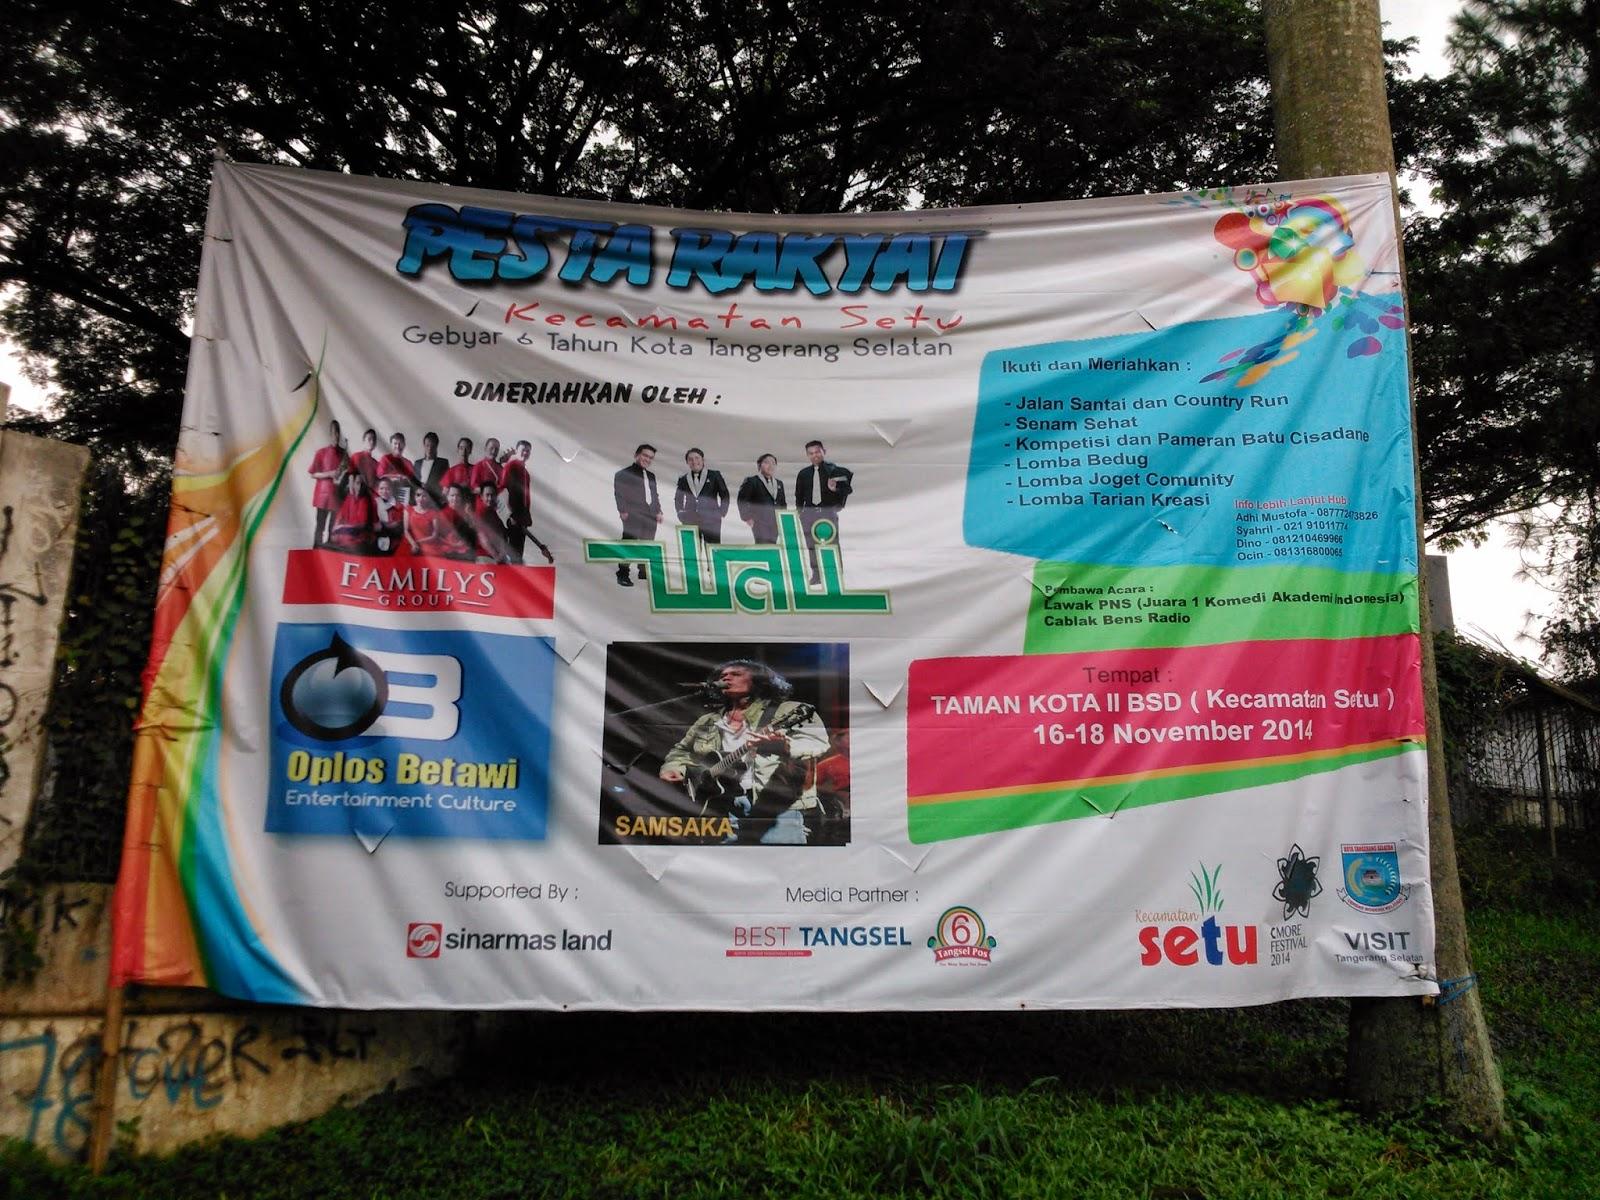 Kota Tangerang Selatan Goresan Penaku Event Diadakan Ketika Merayakan Ulang